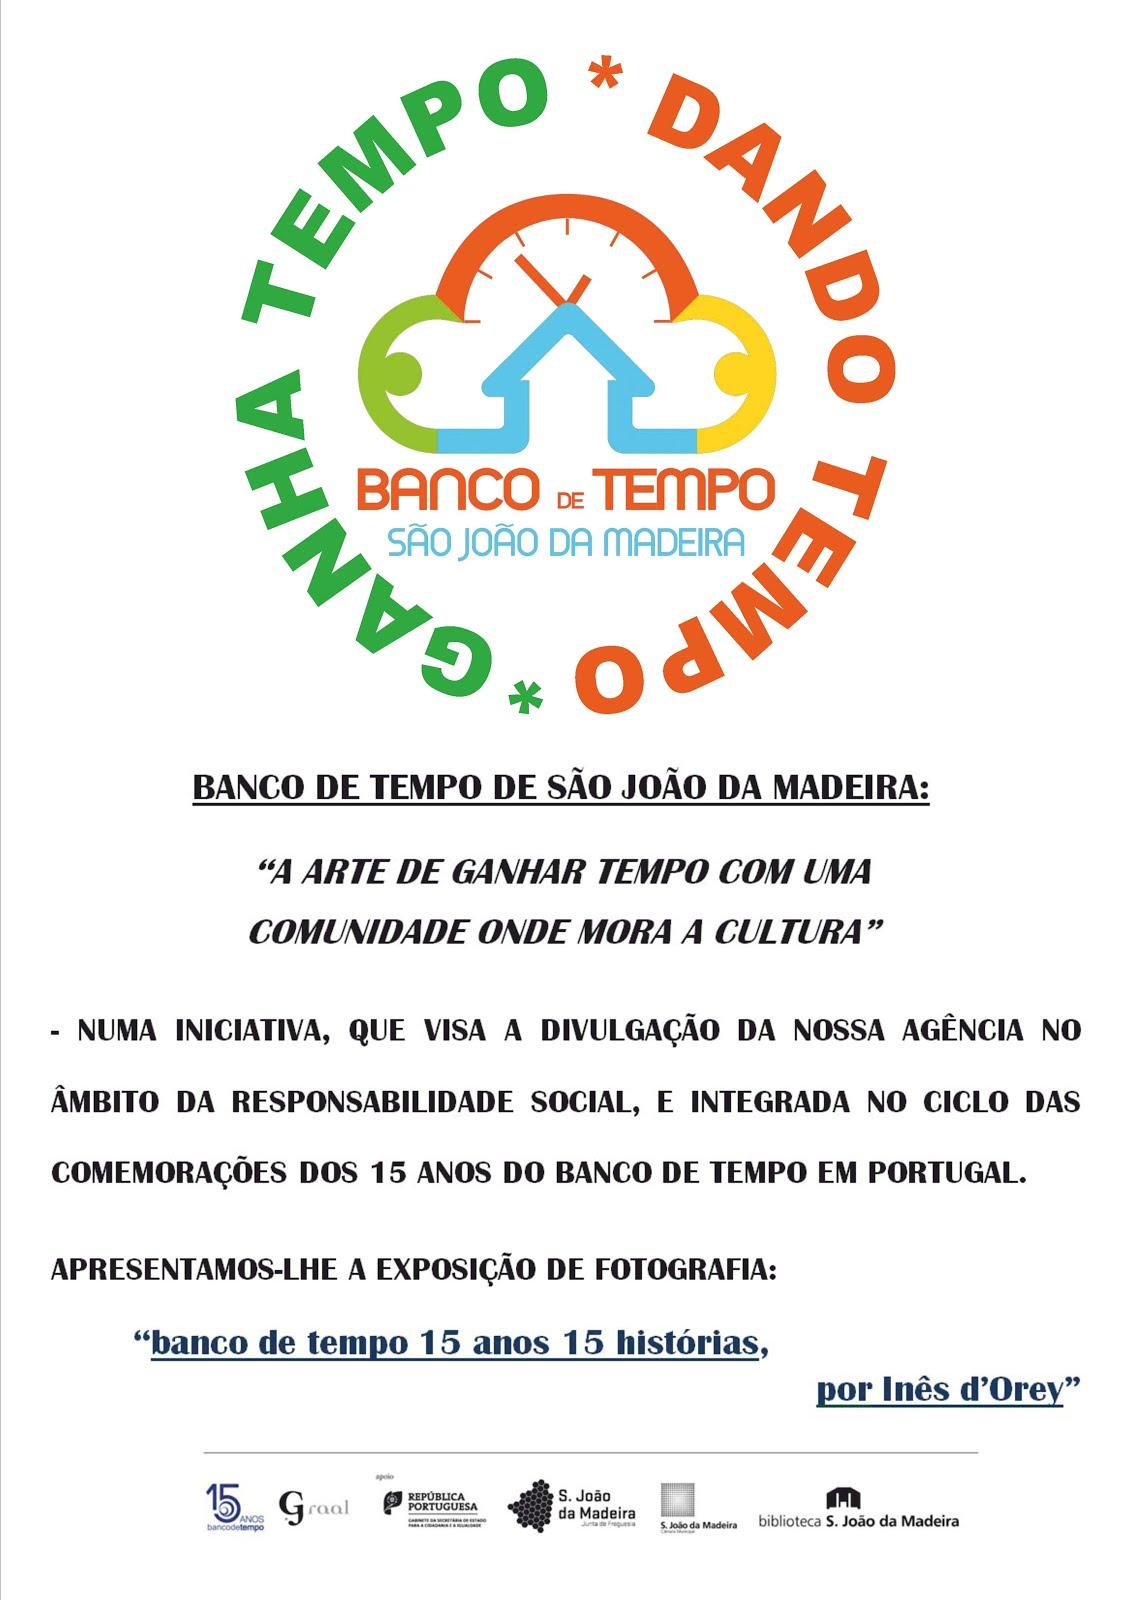 """Exposição de Fotografia """"Banco de Tempo 15 anos, 15 Histórias"""" de Inês D'Orey"""